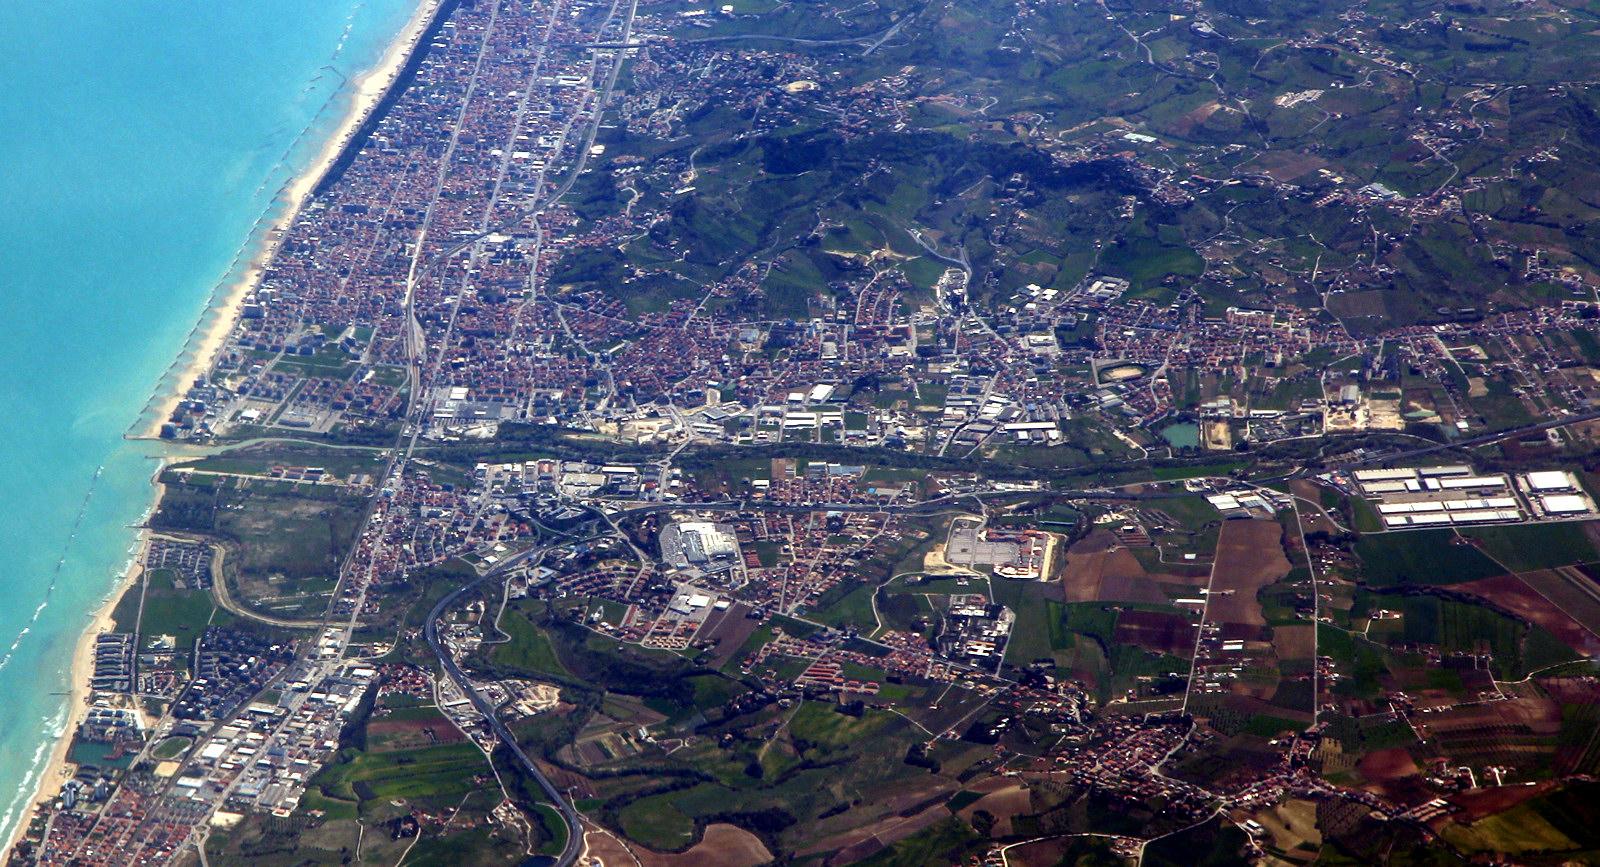 Montesilvano Italy  city images : Montesilvano, Abruzzo, Italy Wikipedia, the free ...